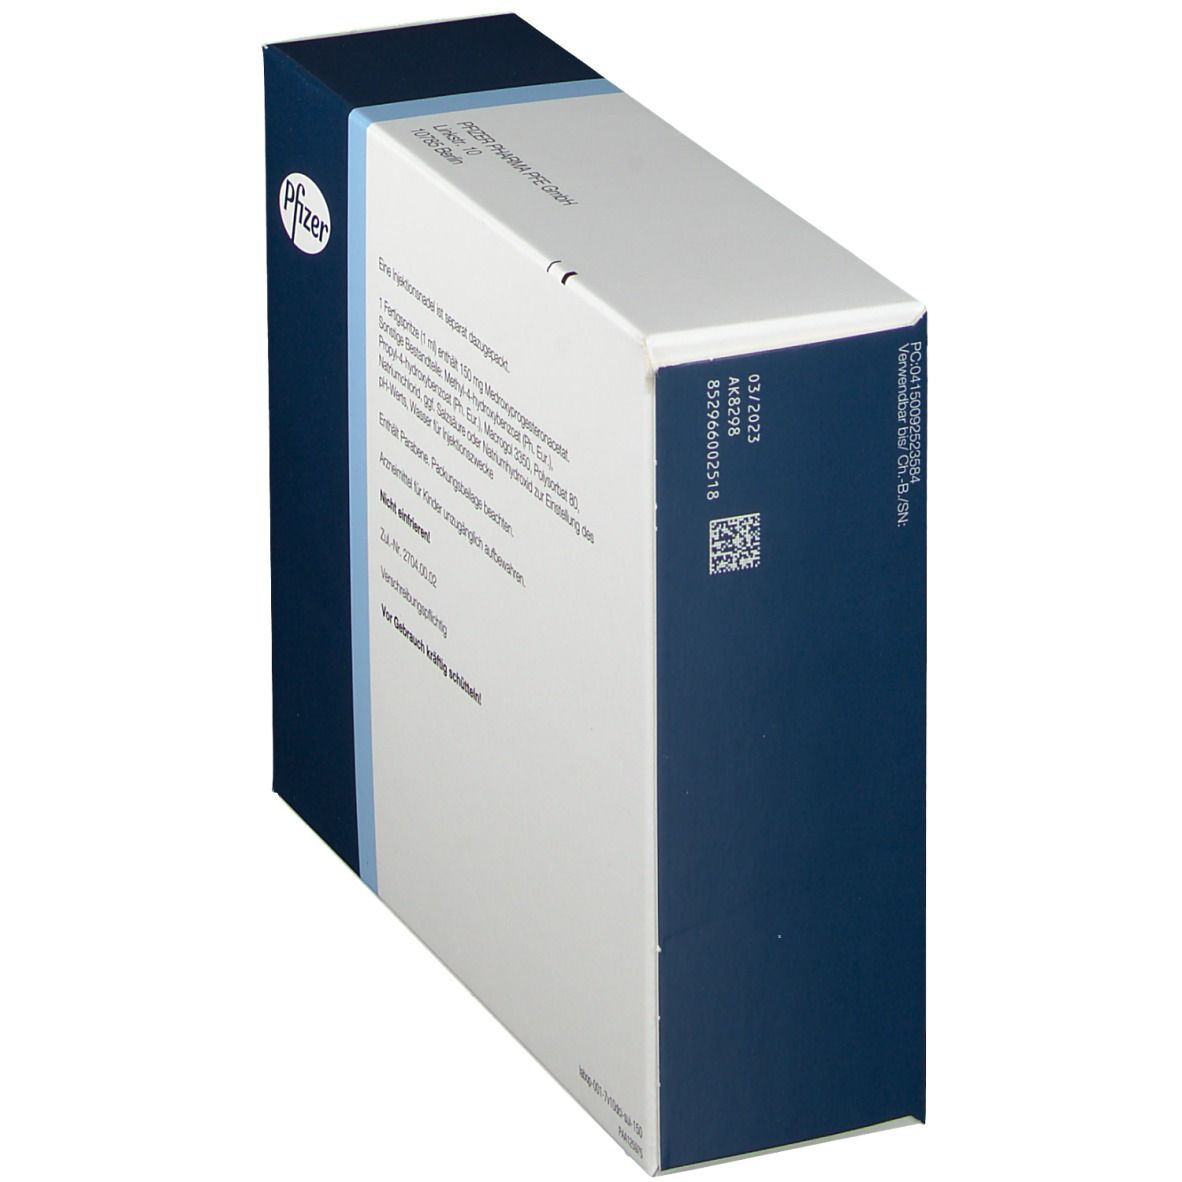 DEPO CLINOVIR 150 mg 1 ml Injektionssuspension